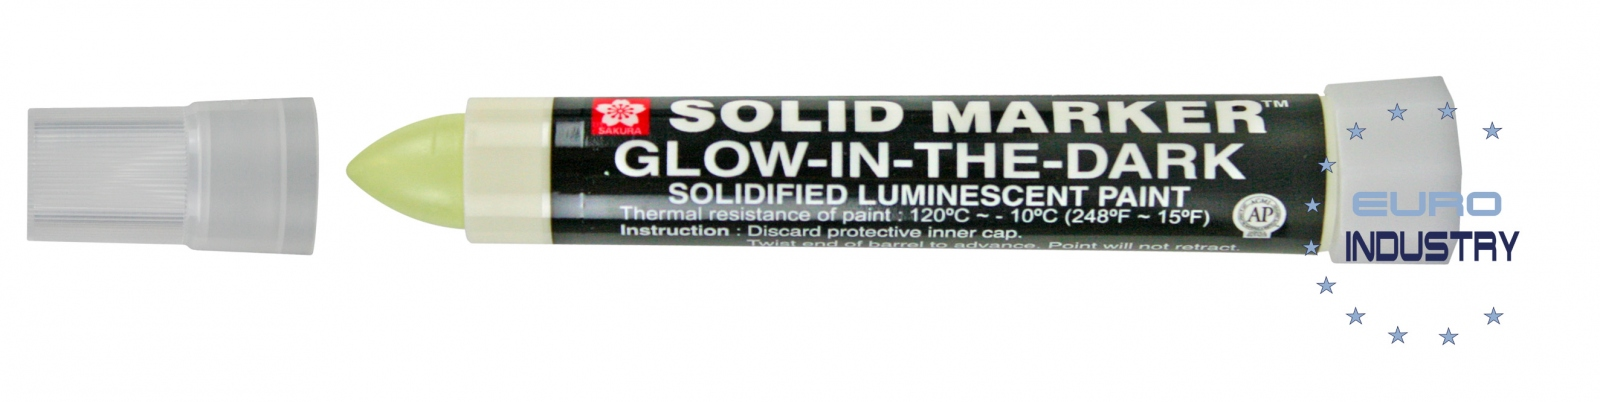 Sakura Industriemarker ´Solid Marker Glow in the Dark´ 0084511385320 Bastel- & Kreativ-Bedarf für Kinder